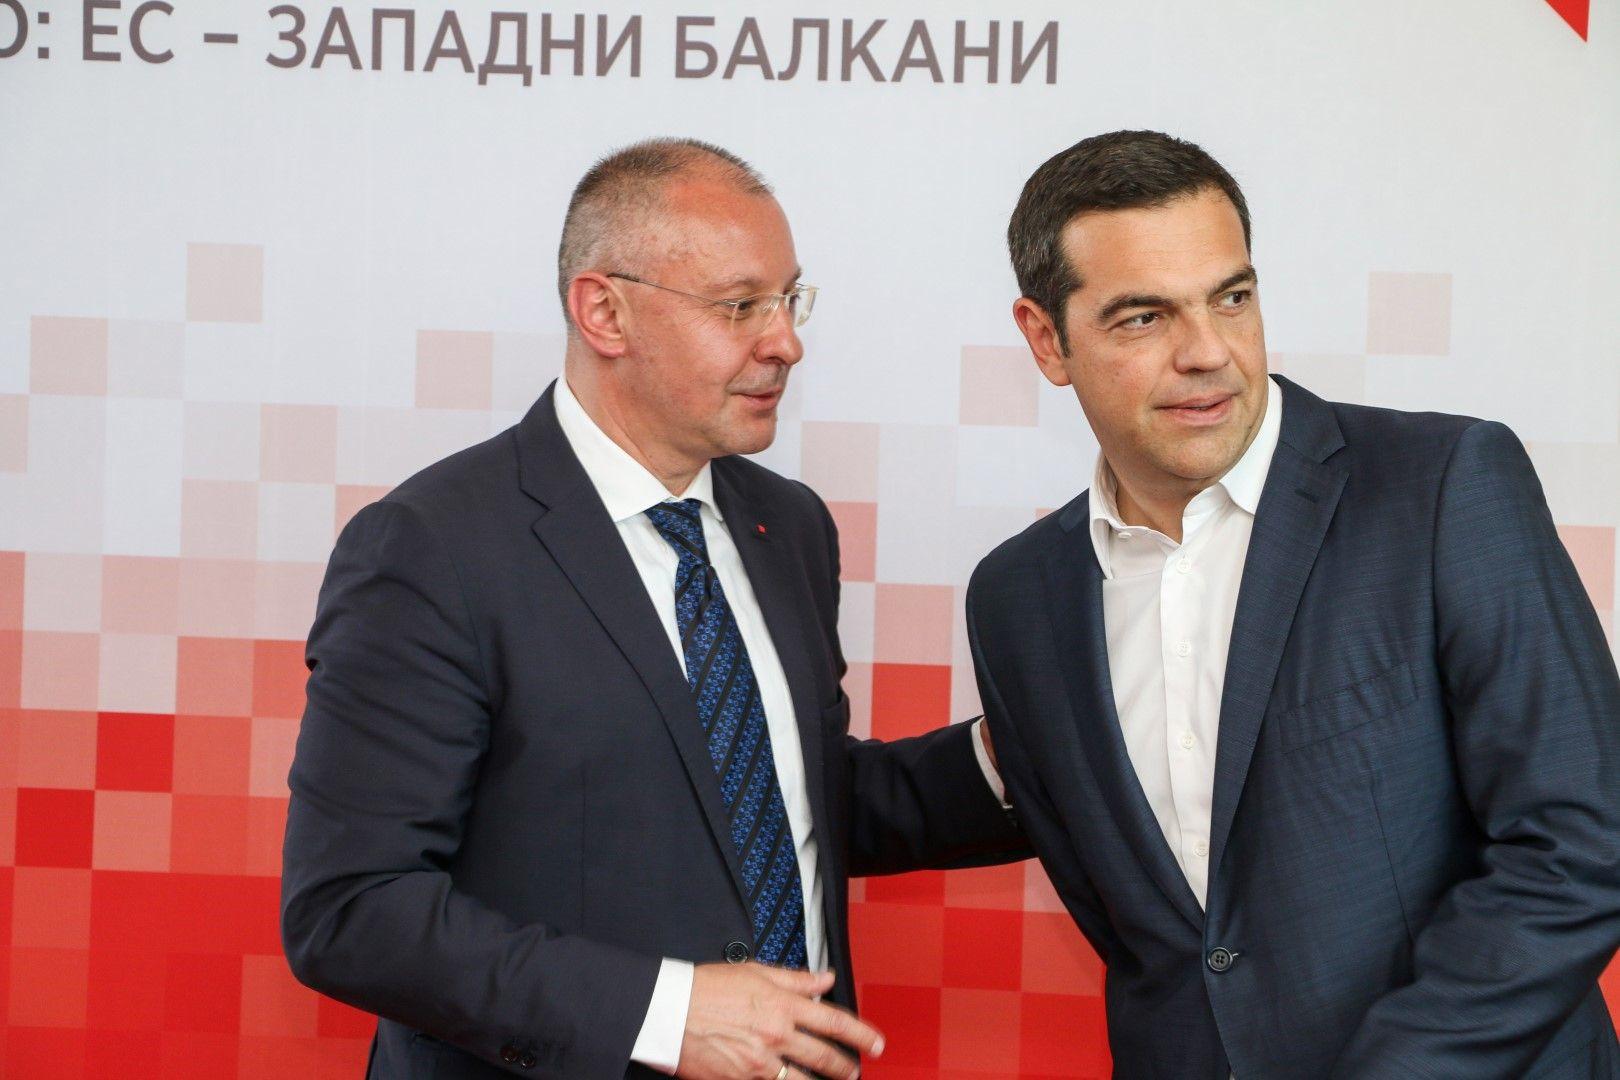 Сергей Станишев и Алексис Ципрас